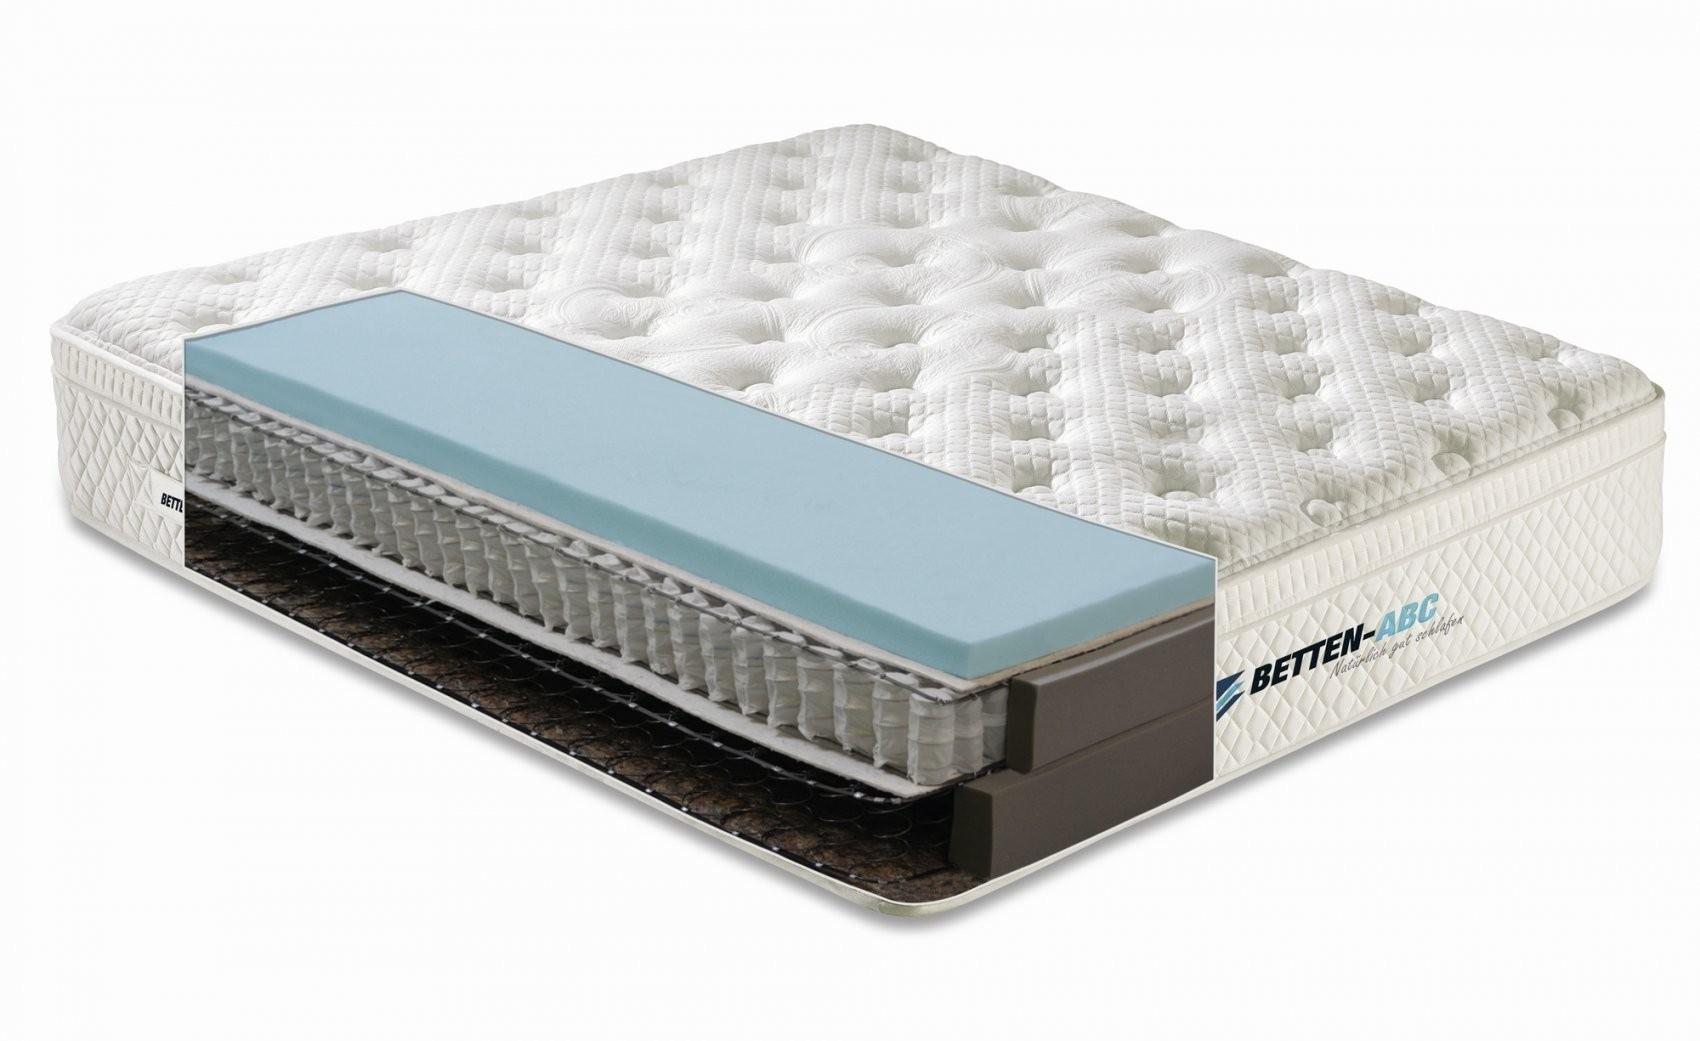 Boxspring Matratze 180X200 Überraschend Auf Kreative Deko Ideen Mit 2 von Boxspring Matratze 180X200 Photo